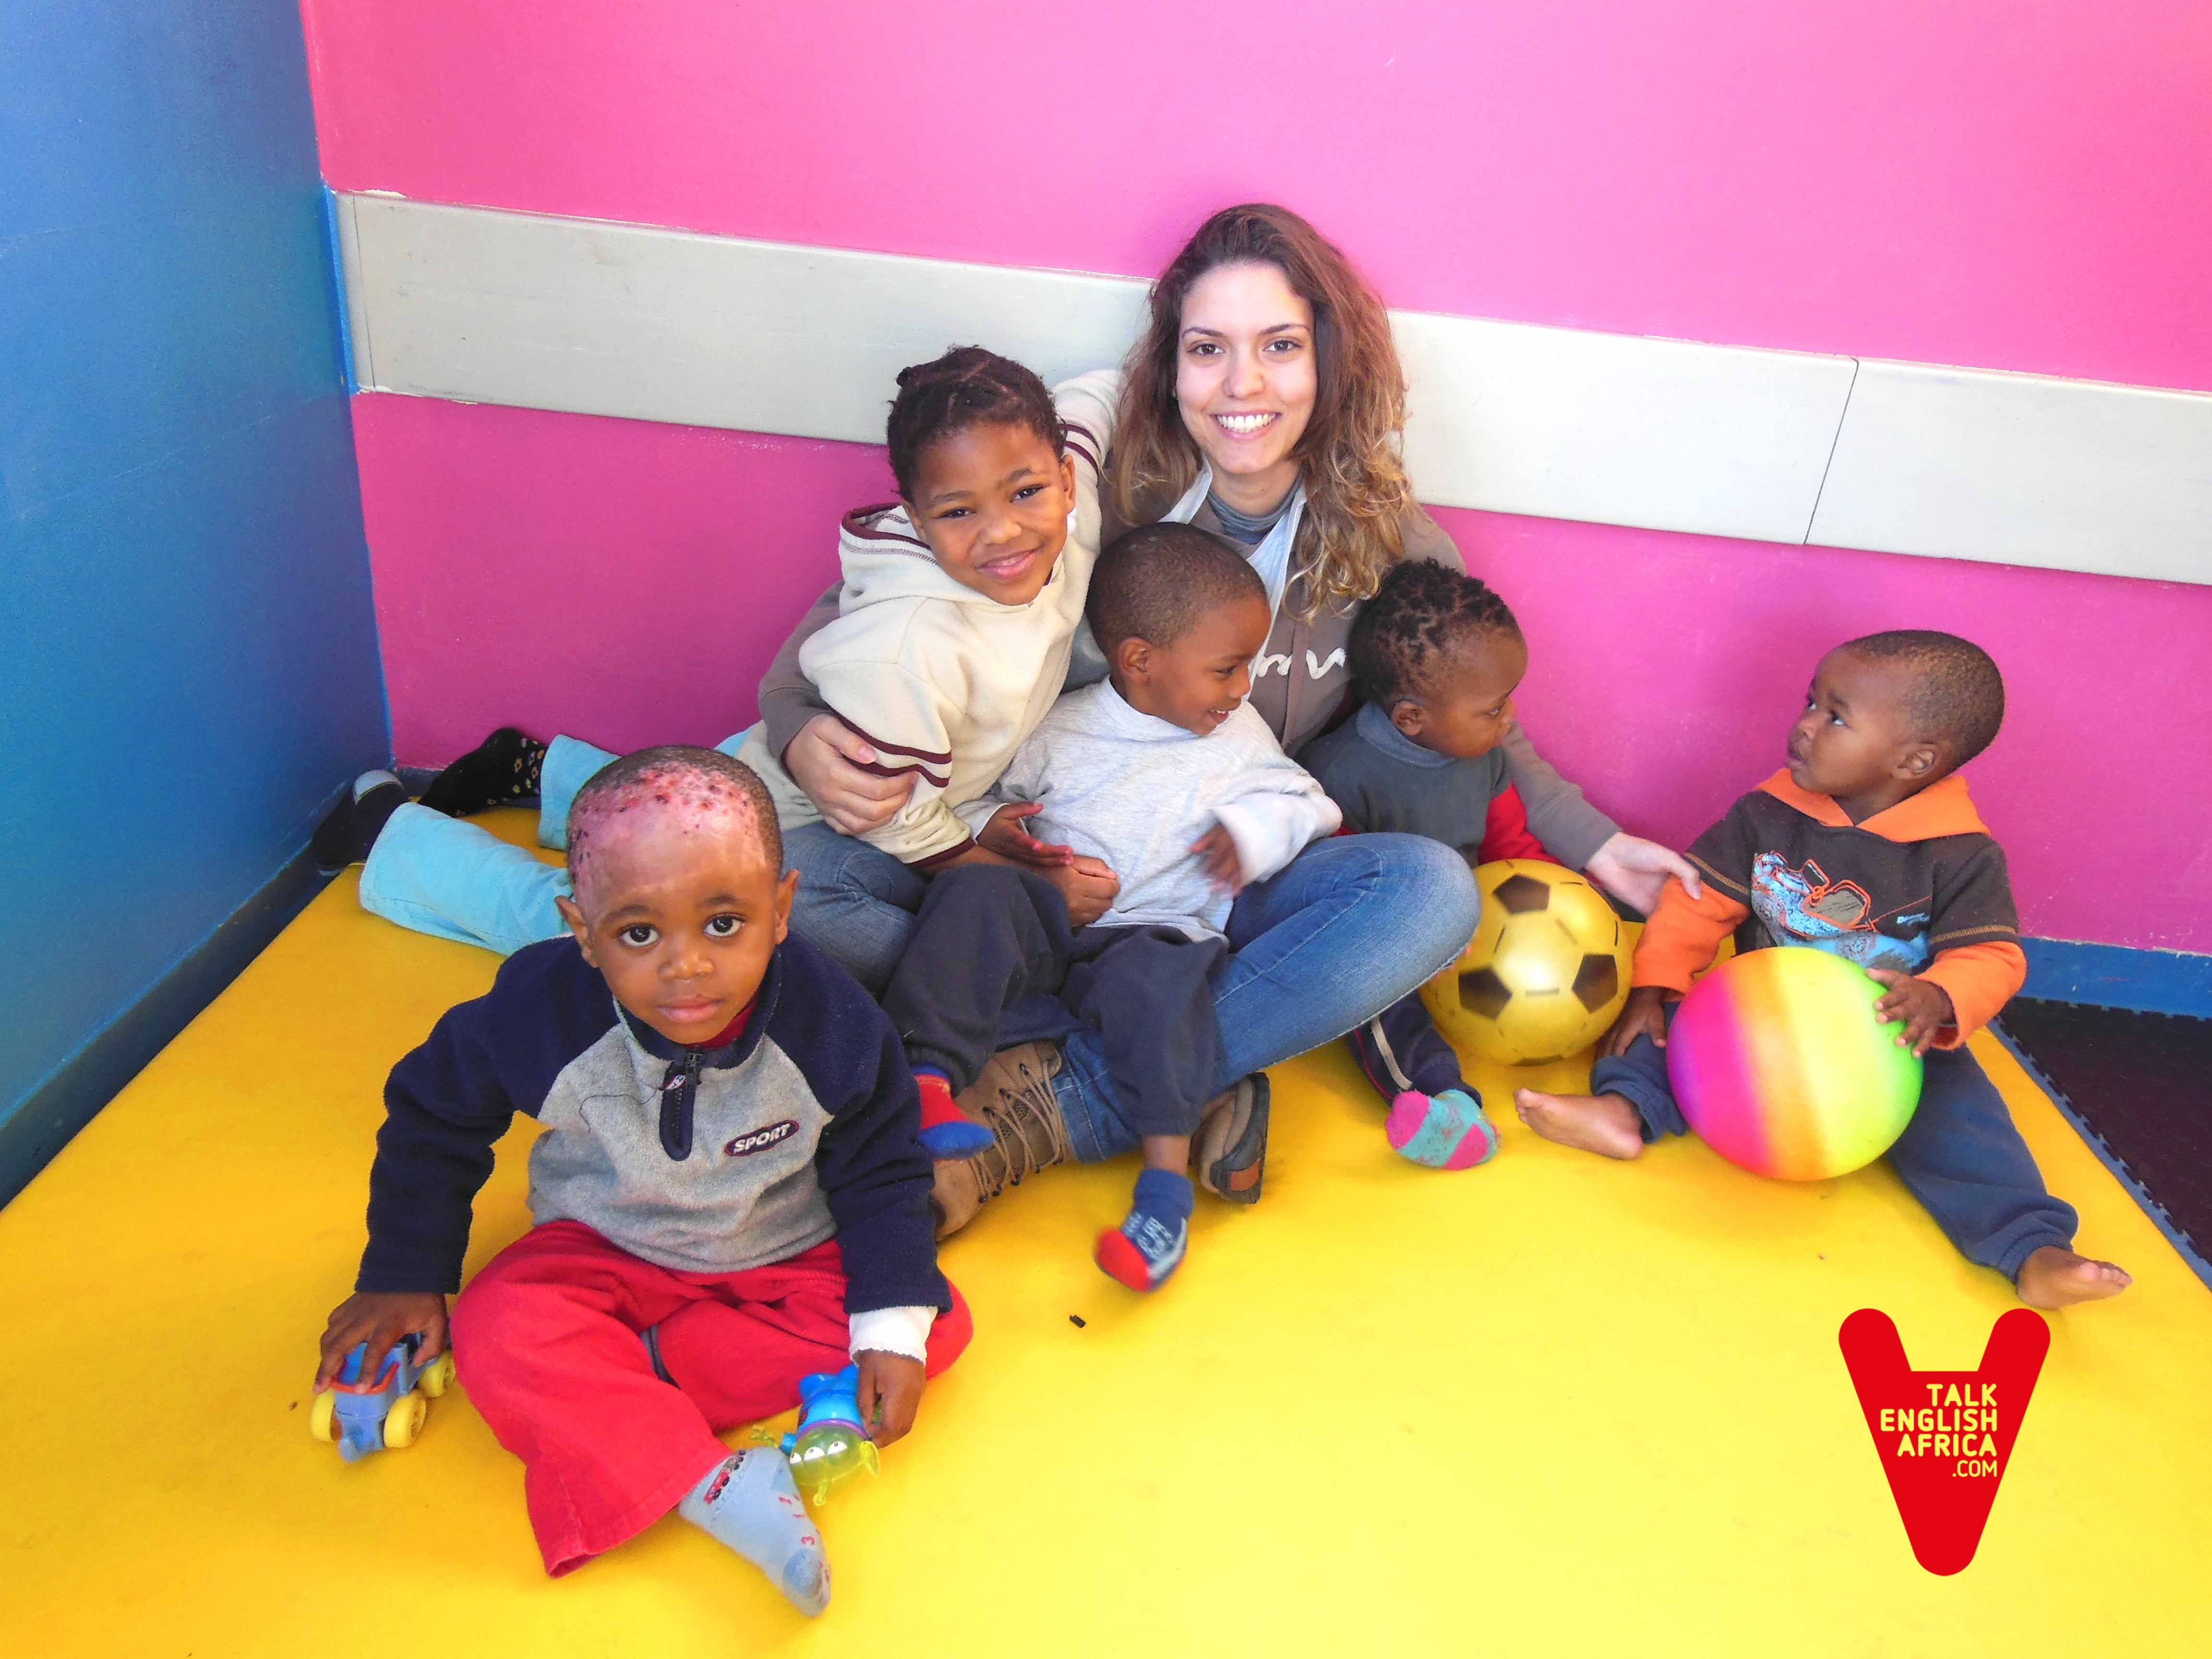 Voluntariado hospital de recuperación de niños enfermos en Ciudad del Cabo